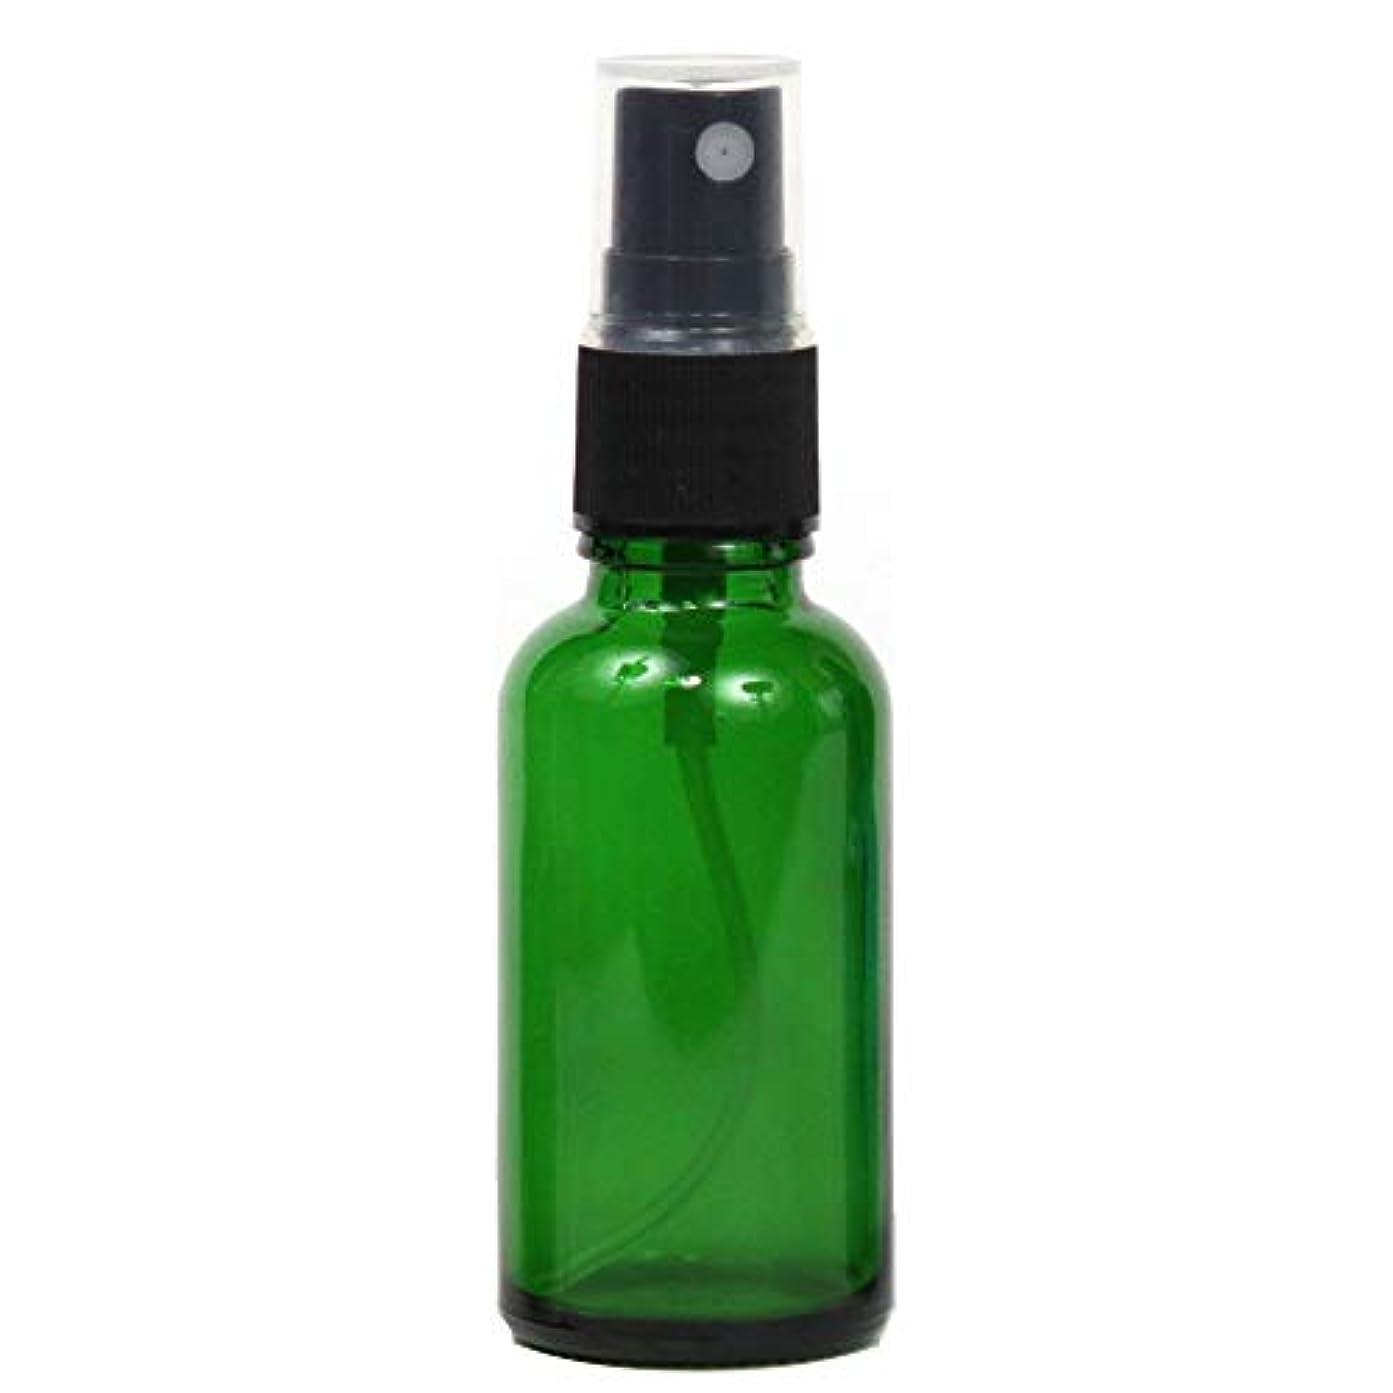 ヒューム画像アサースプレーボトル 30mL ガラス遮光性グリーン 瓶 空容器 グリーン 4個